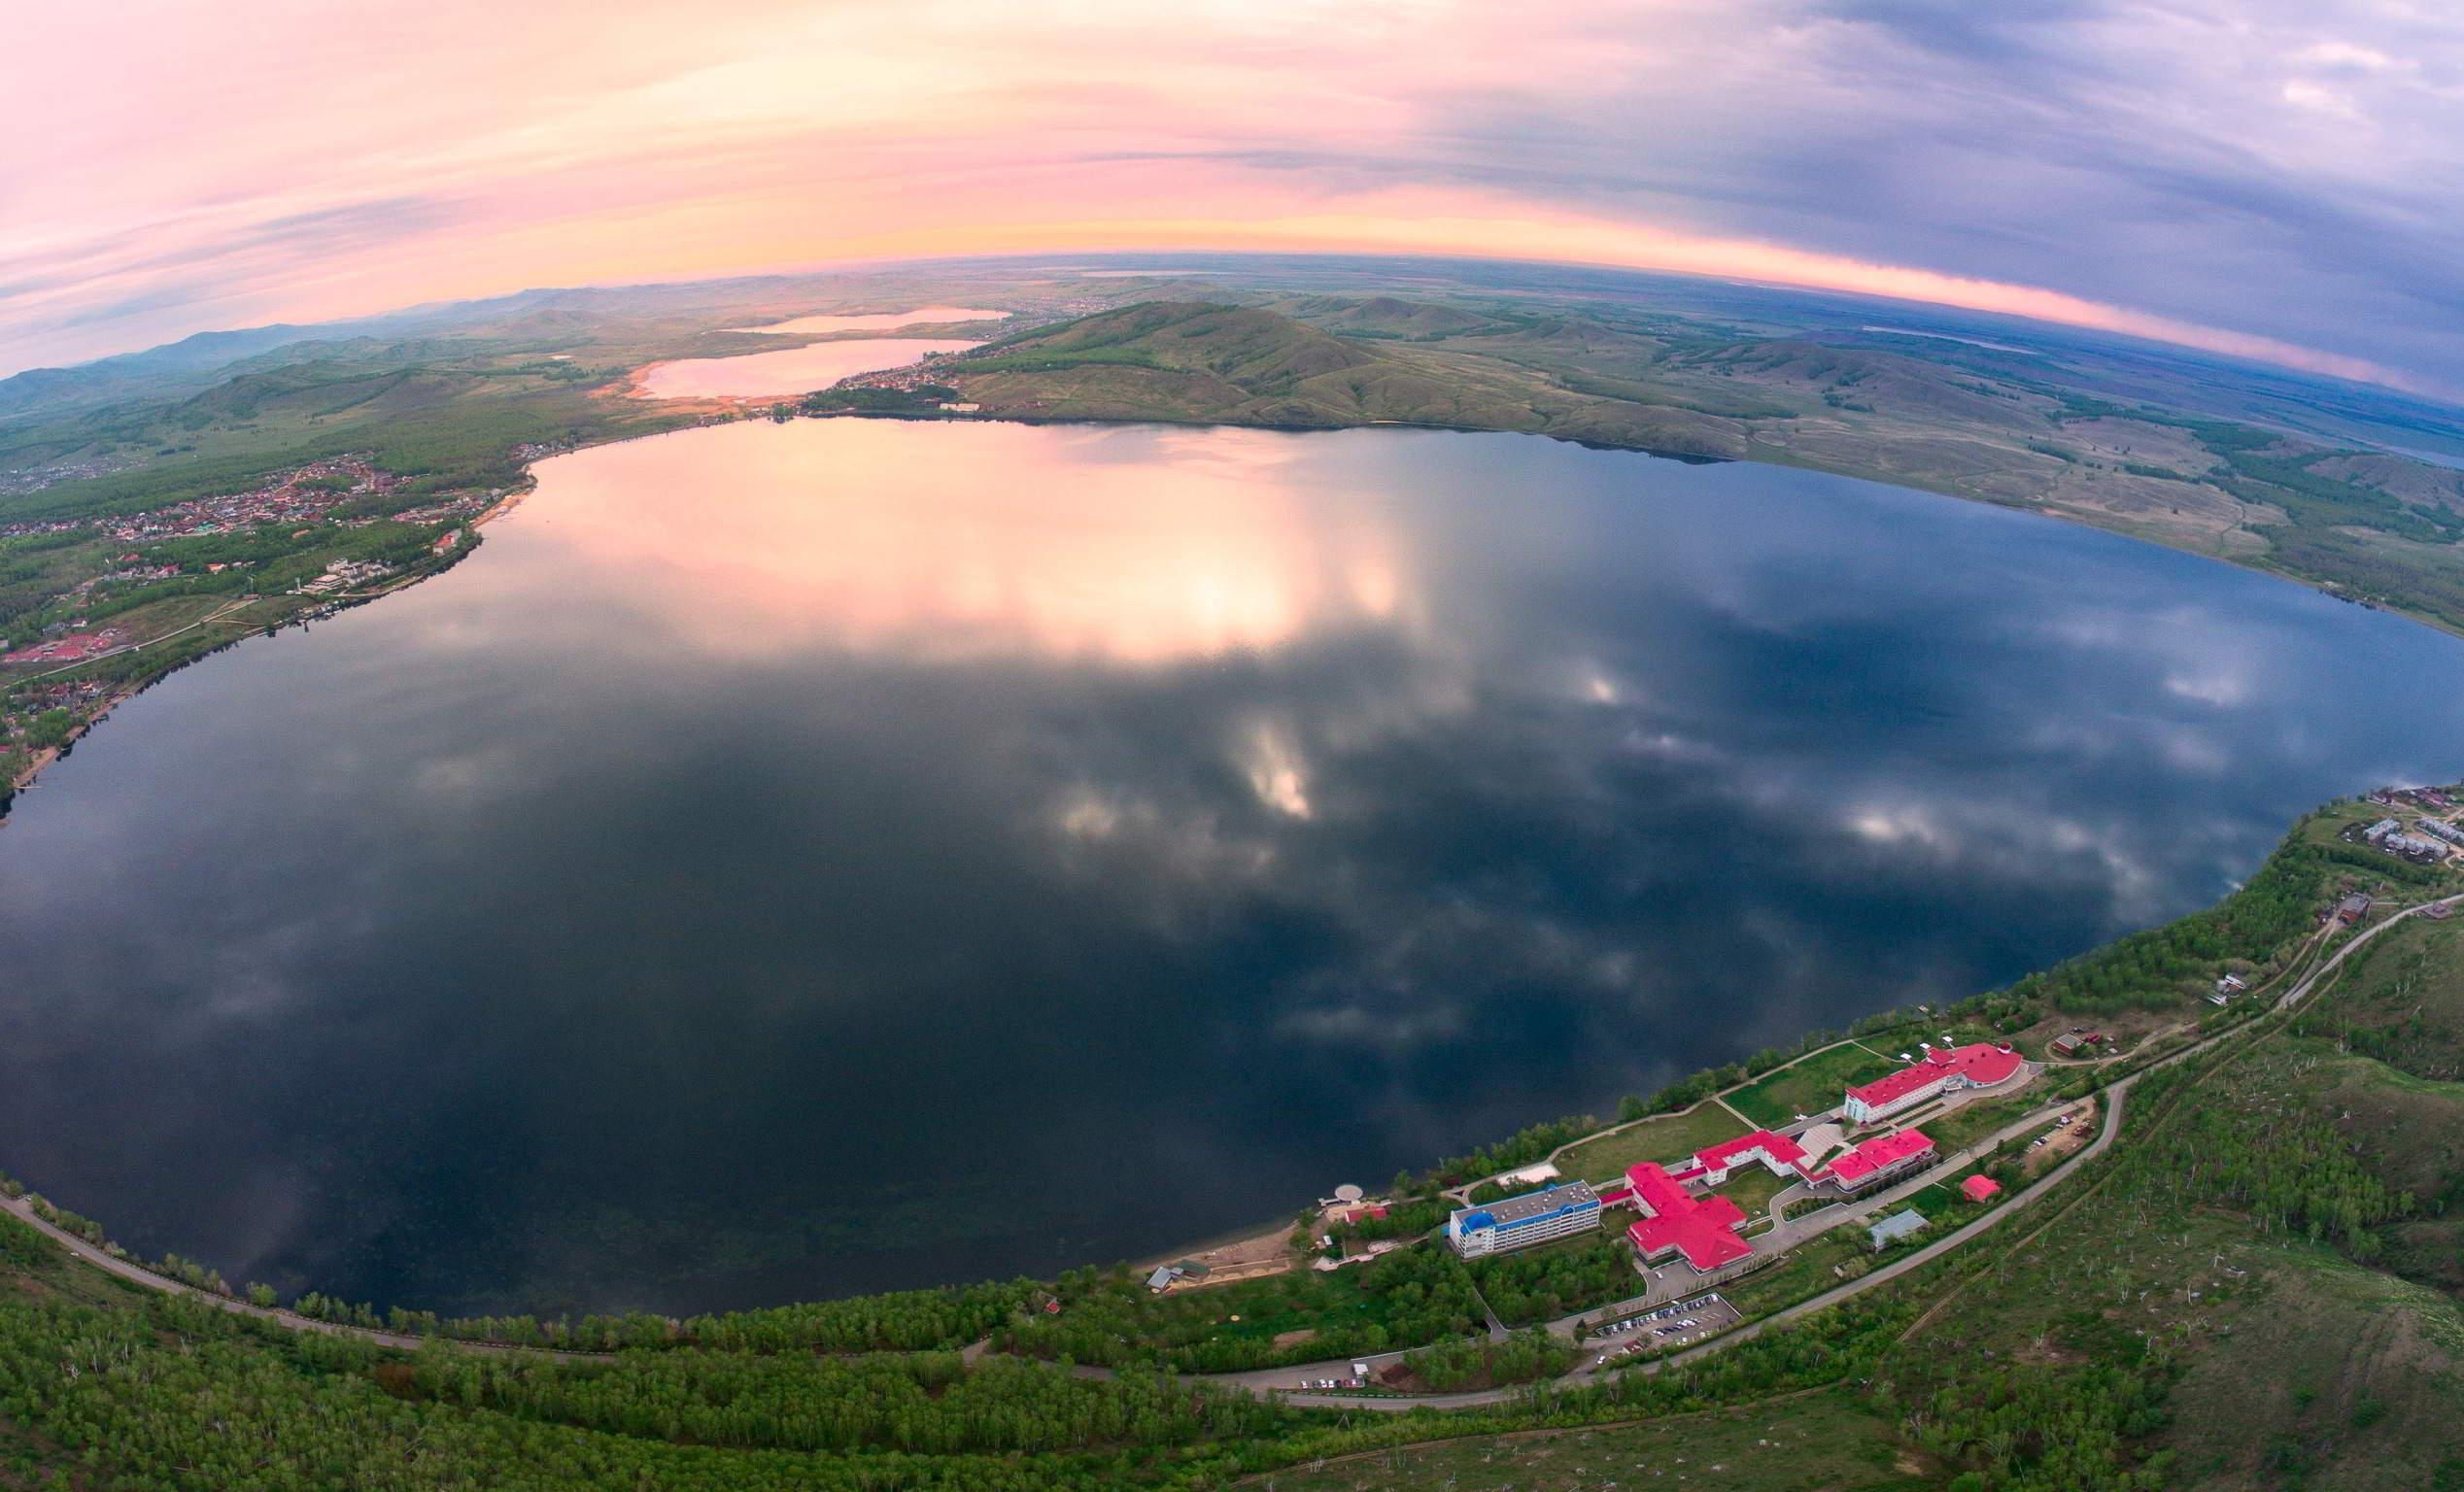 года, погода отдых в магнитогорске озеро банное абзаково это приятный